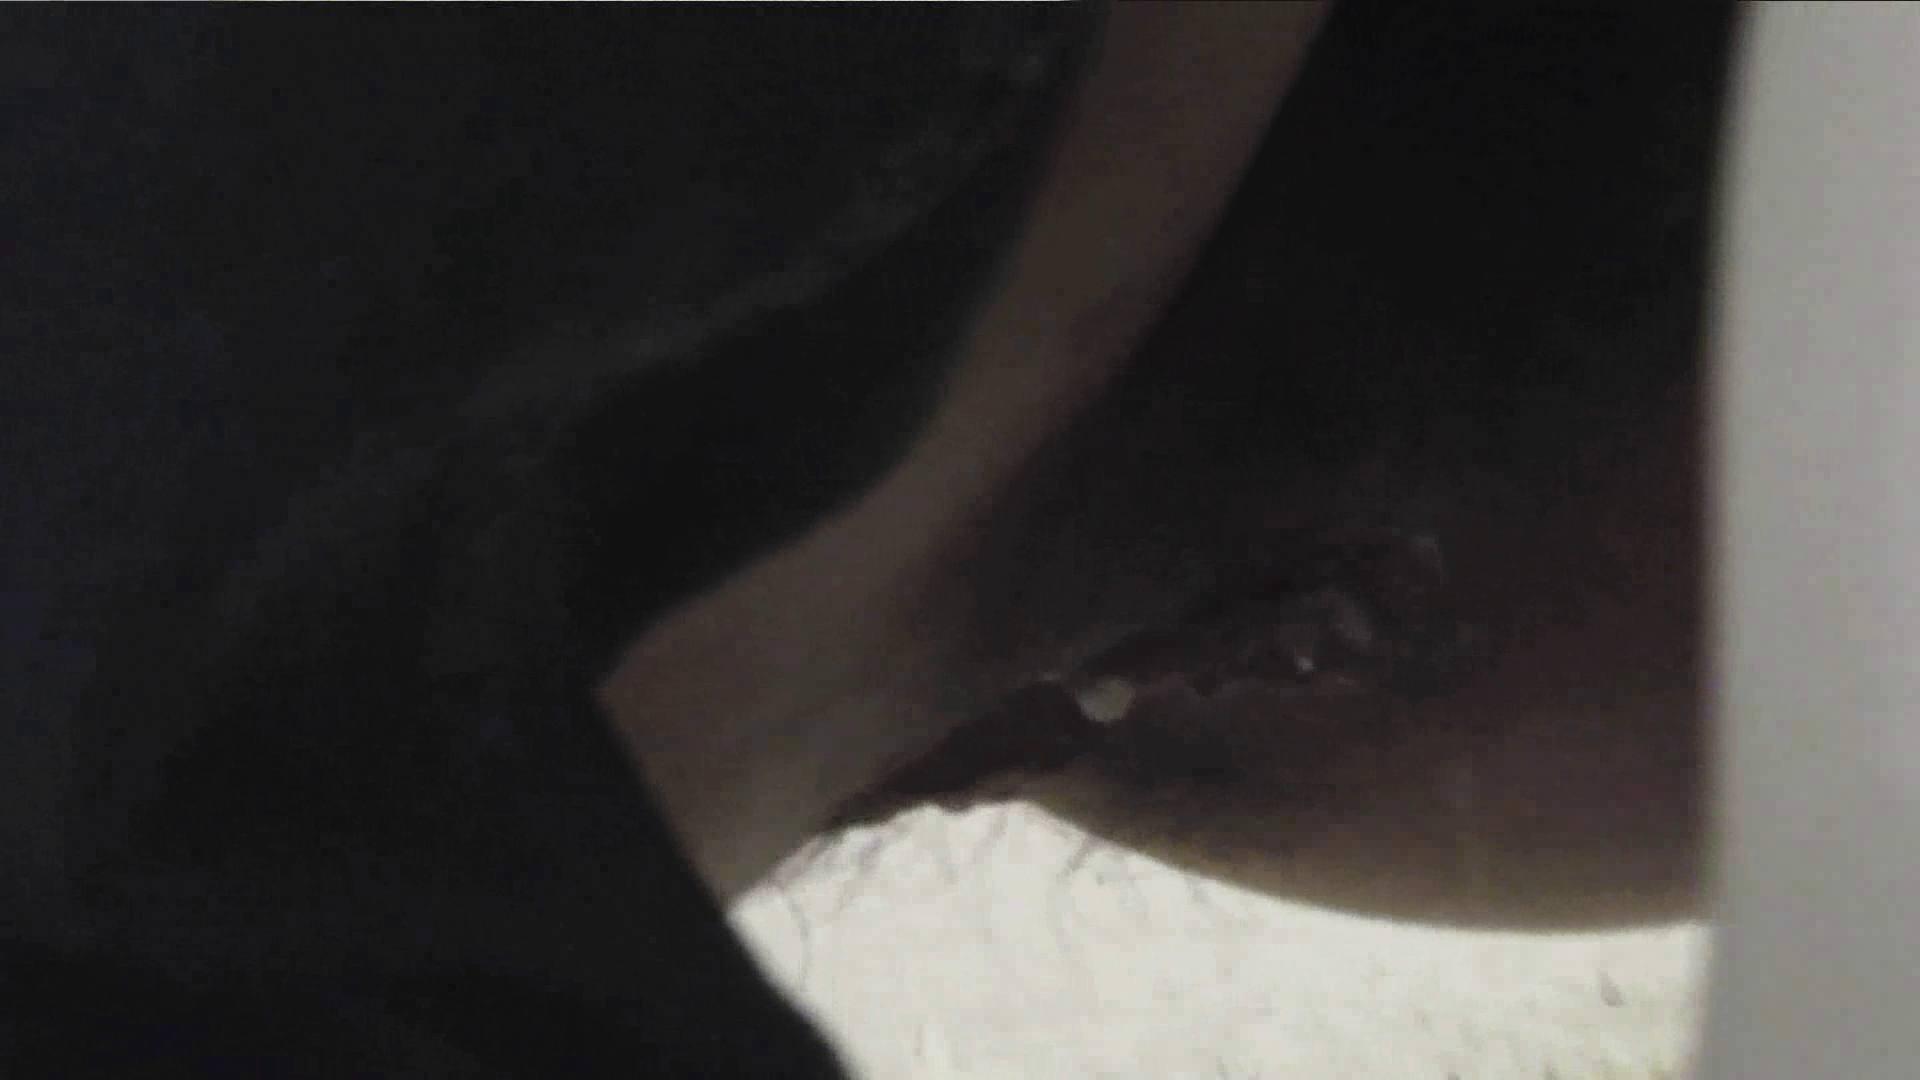 【美しき個室な世界】 vol.023 めんこい人たち 洗面所  100pic 64